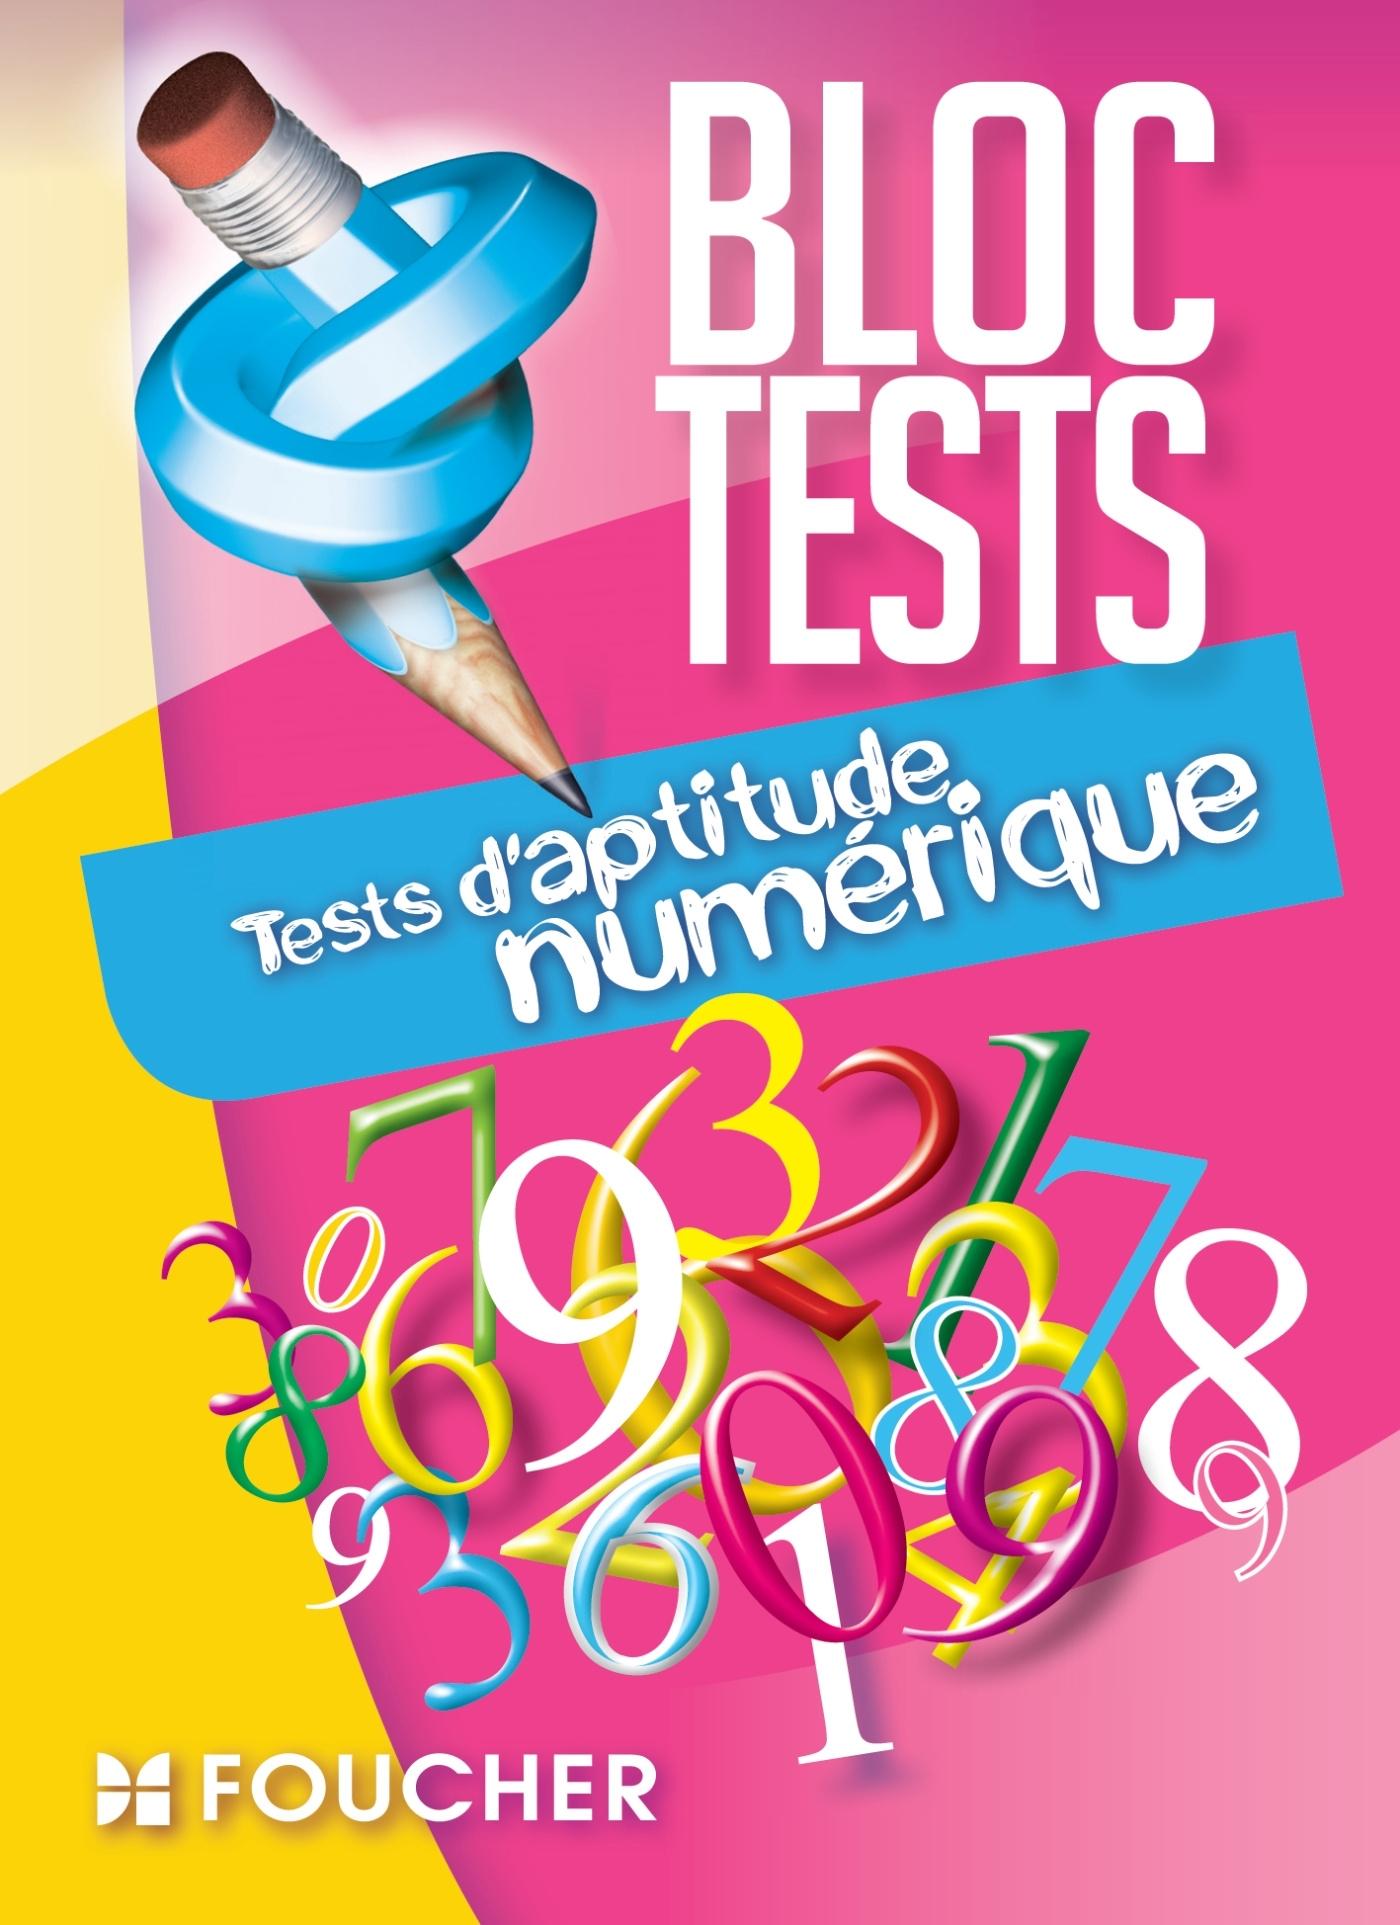 TESTS D'APTITUDE NUMERIQUE